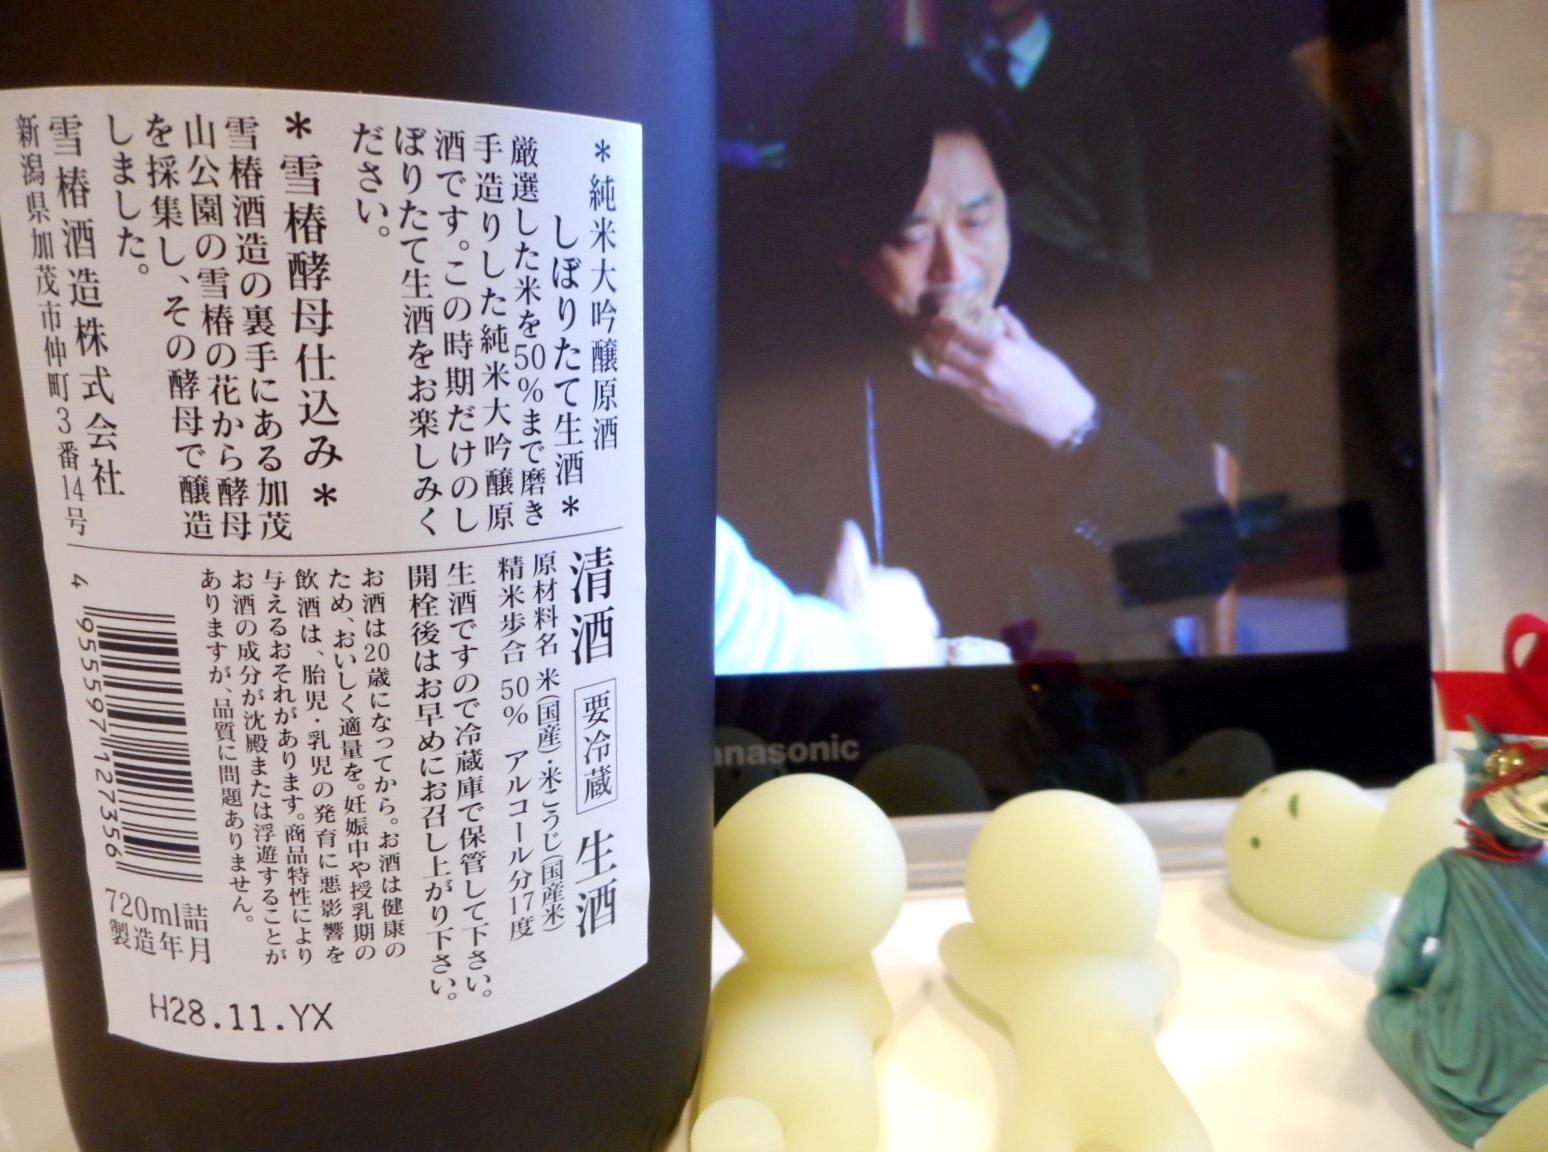 yukitsubaki_jundai_nama28by2.jpg